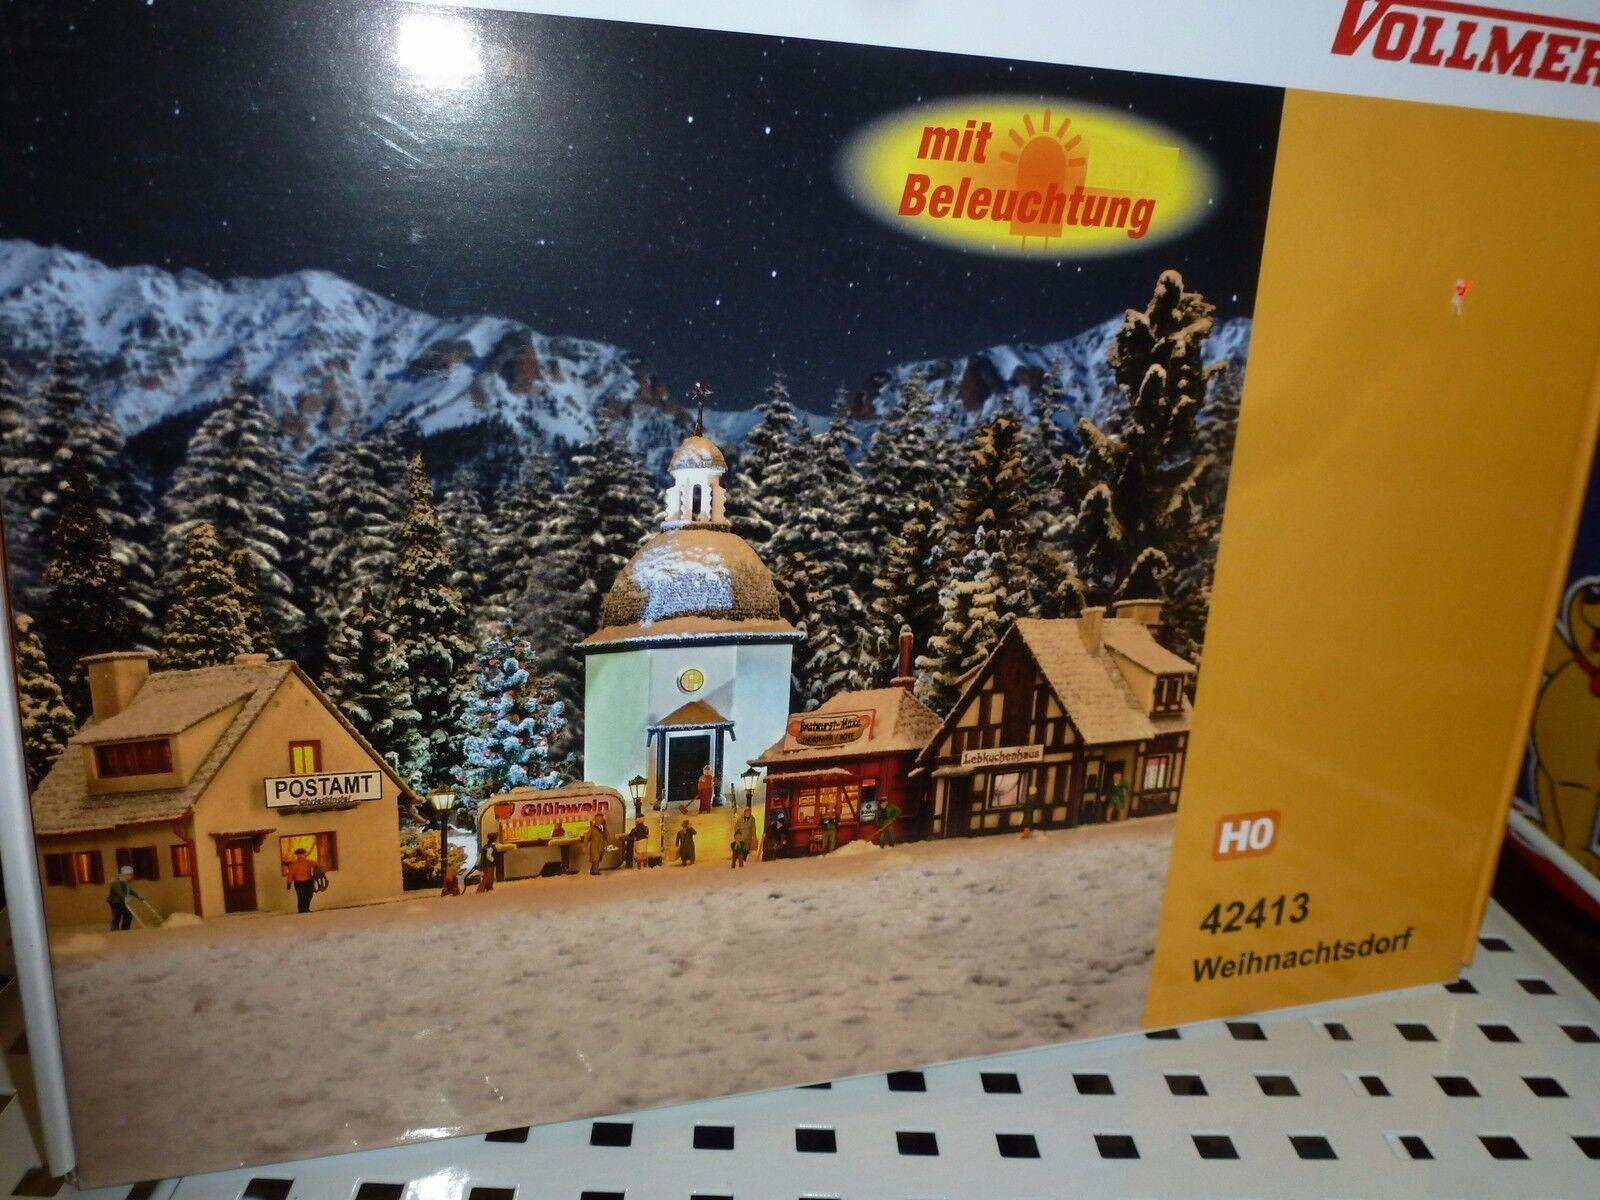 Vollmer Spur HO, Weihnachtsdorf, 5teilig, Nr. 42413  | eine breite Palette von Produkten